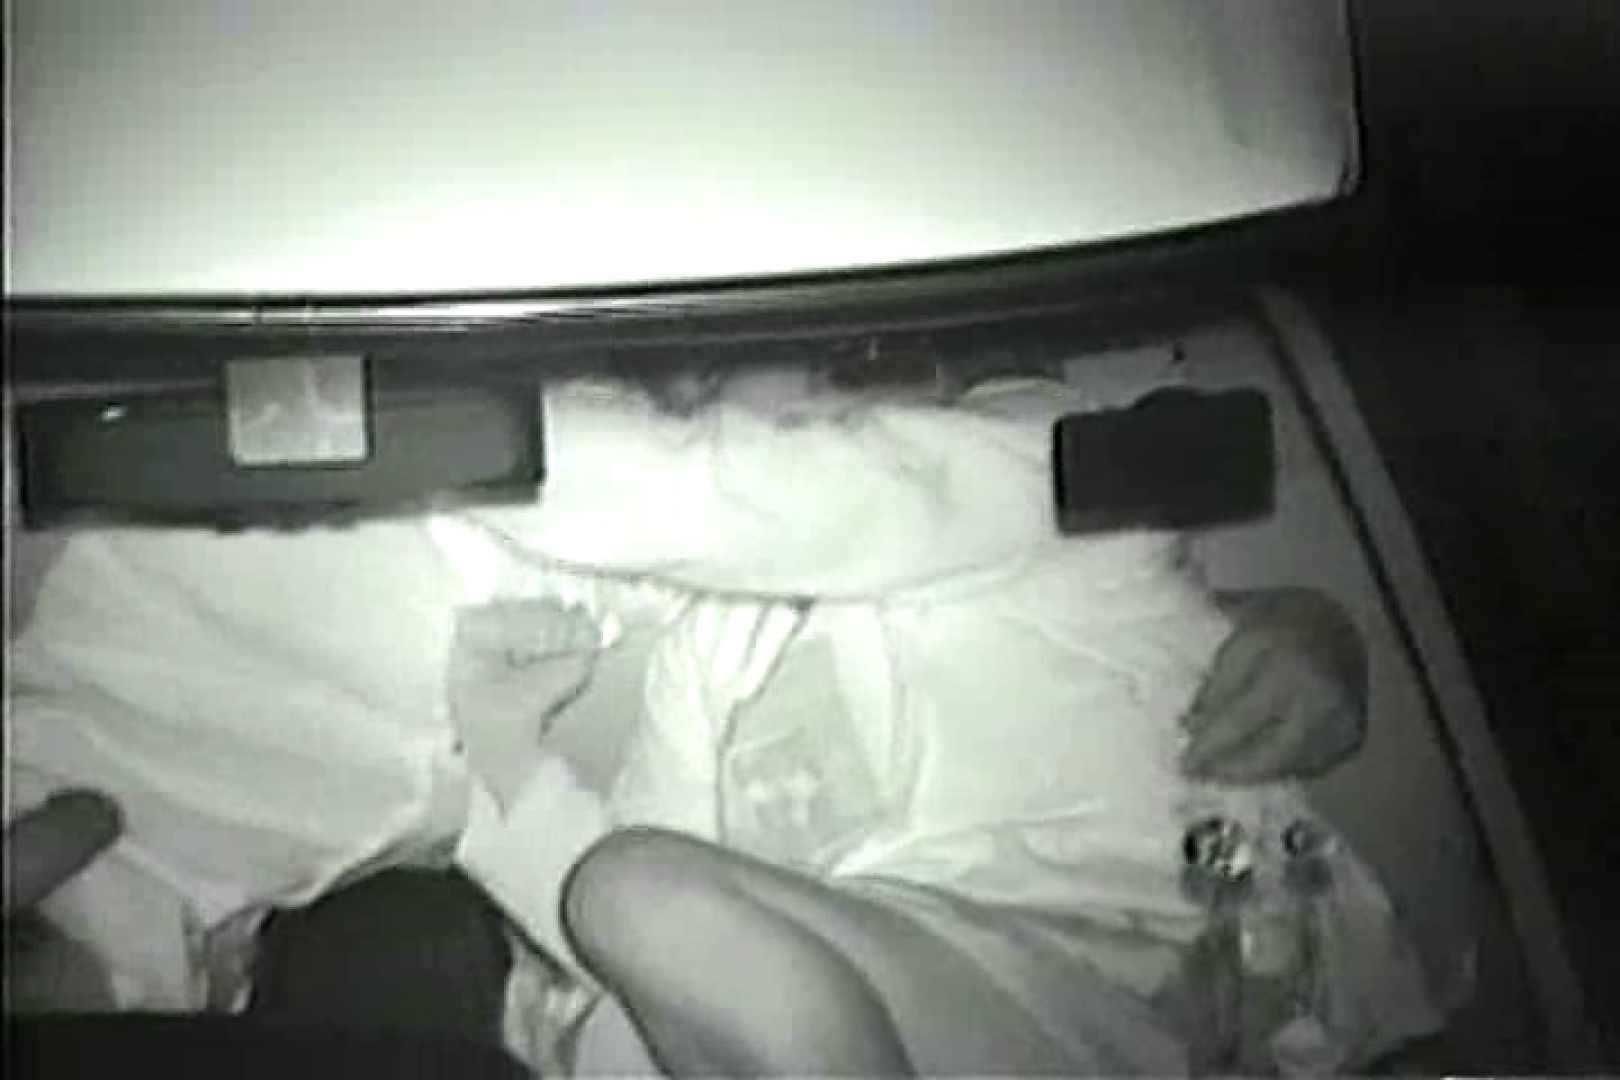 車の中はラブホテル 無修正版  Vol.9 ホテル | 車の中のカップル  60画像 1